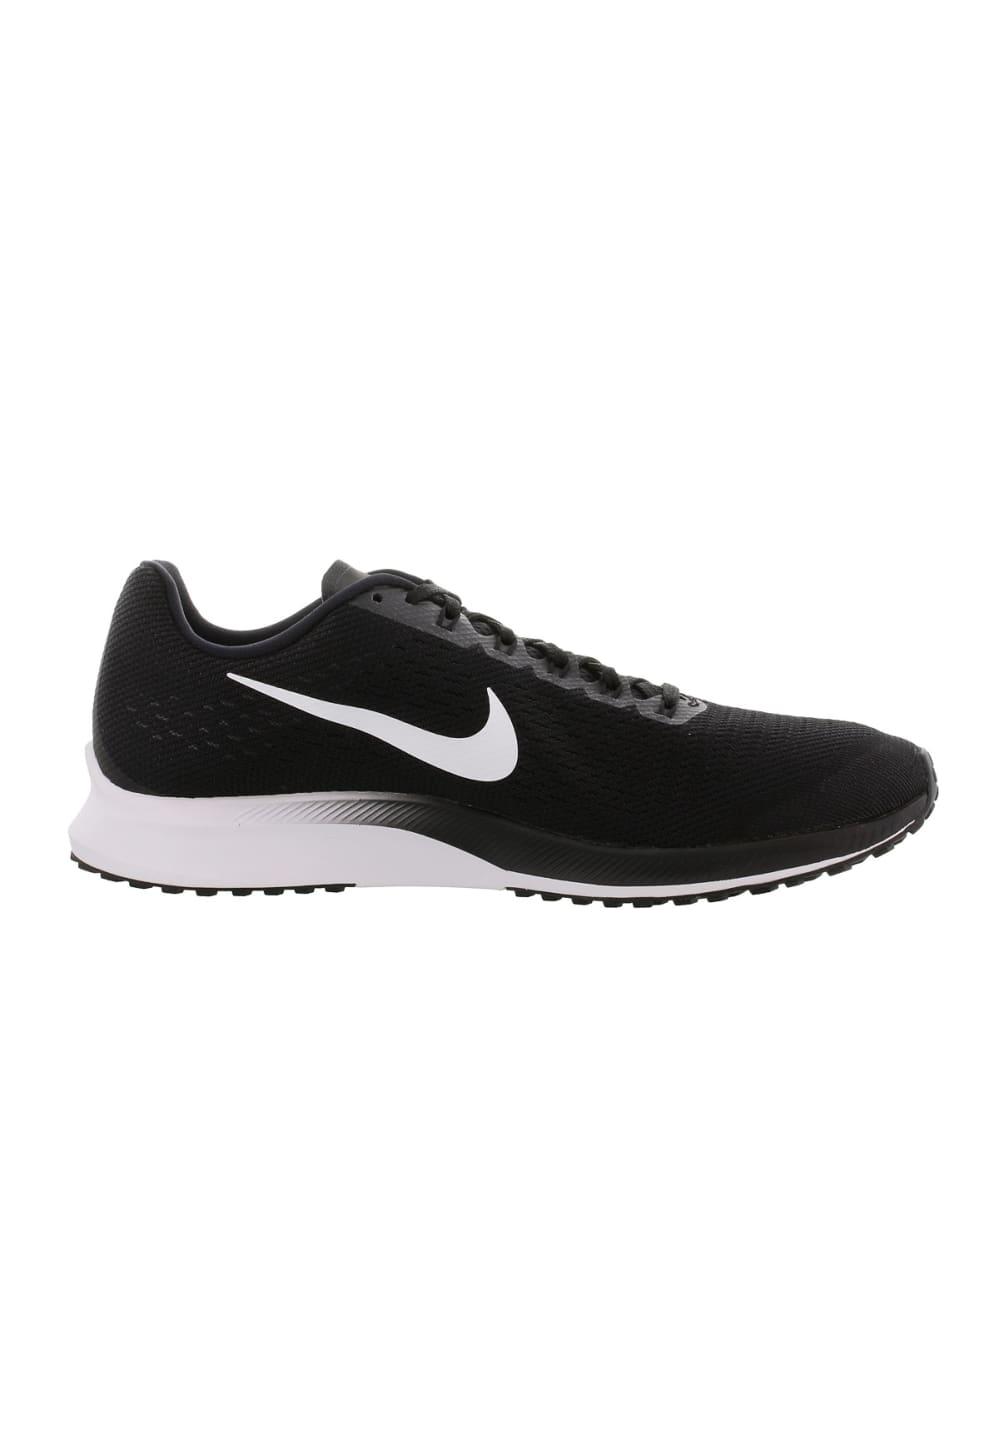 Elite Air Noir Running Pour Chaussures Zoom 10 Nike Homme kOP8n0wX